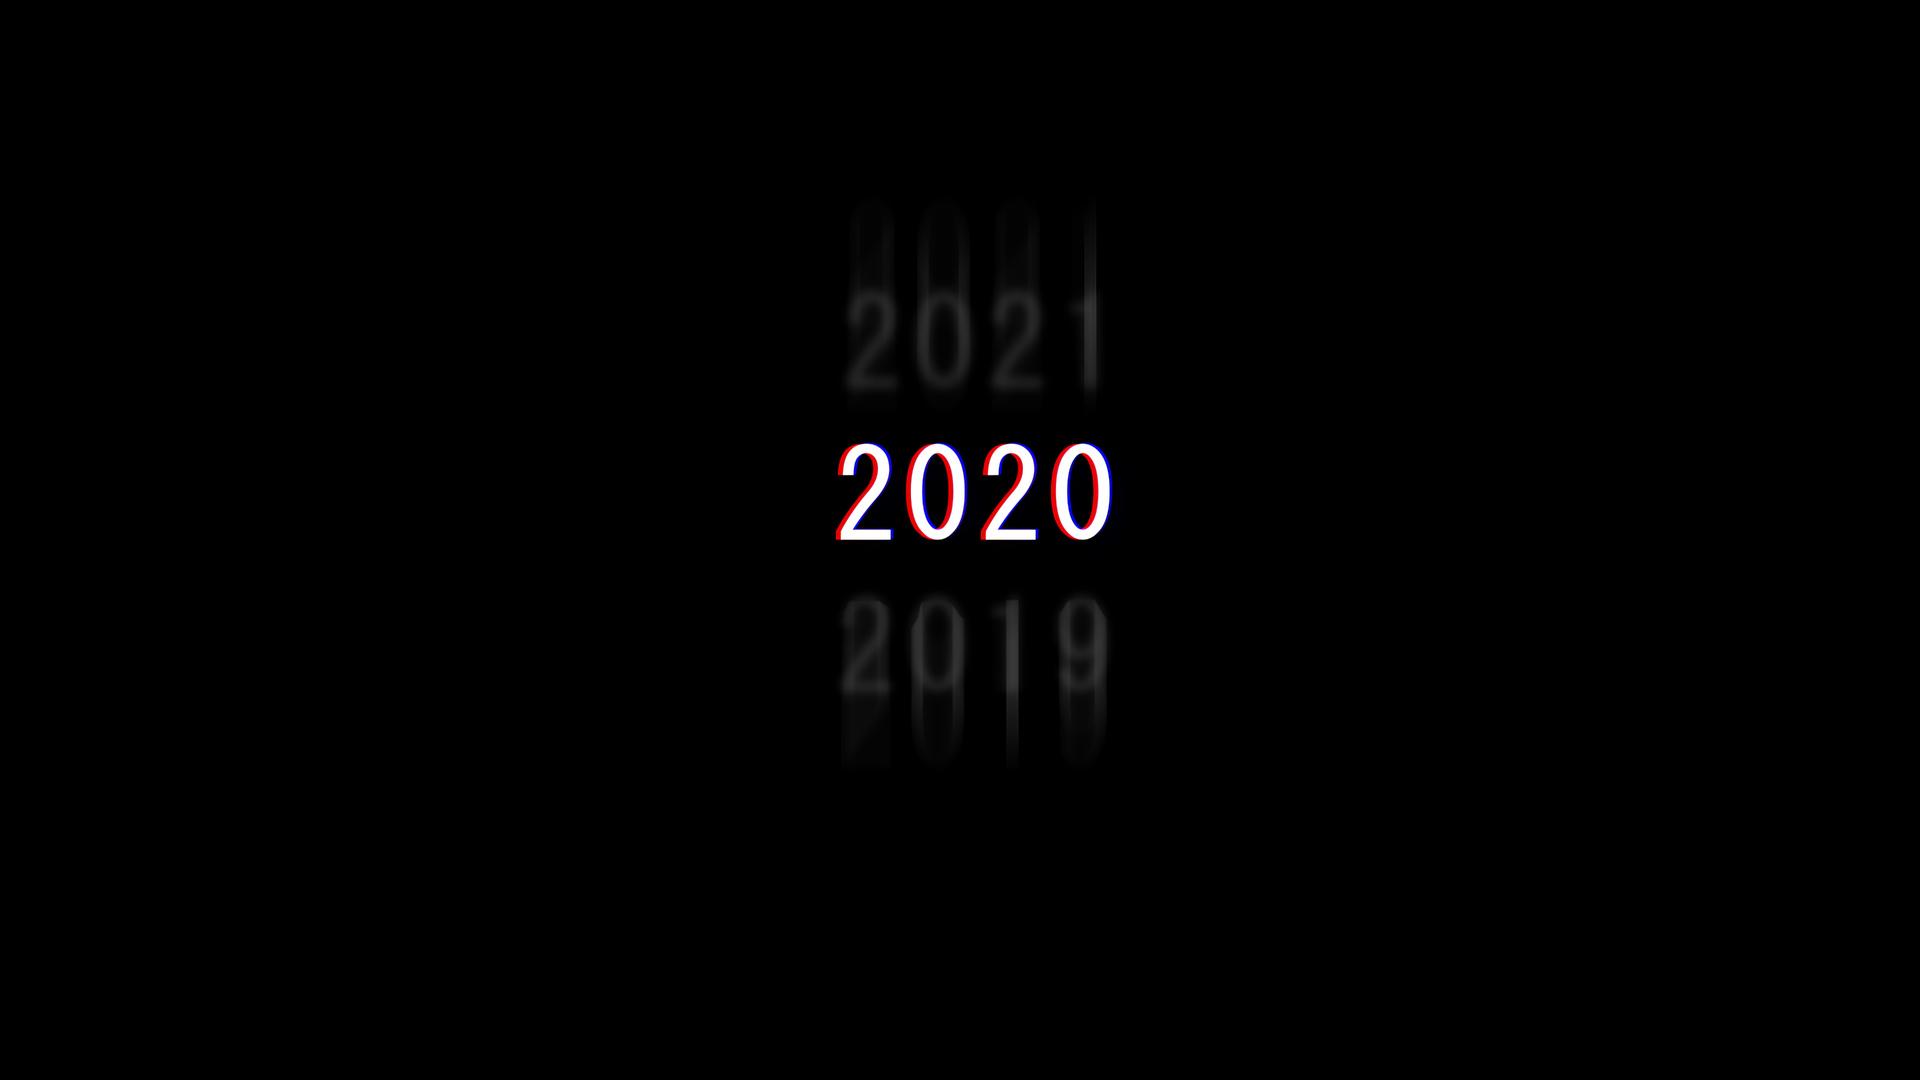 1920x1080 2020 Dark Minimal New Year 4k Laptop Full Hd 1080p Hd 4k